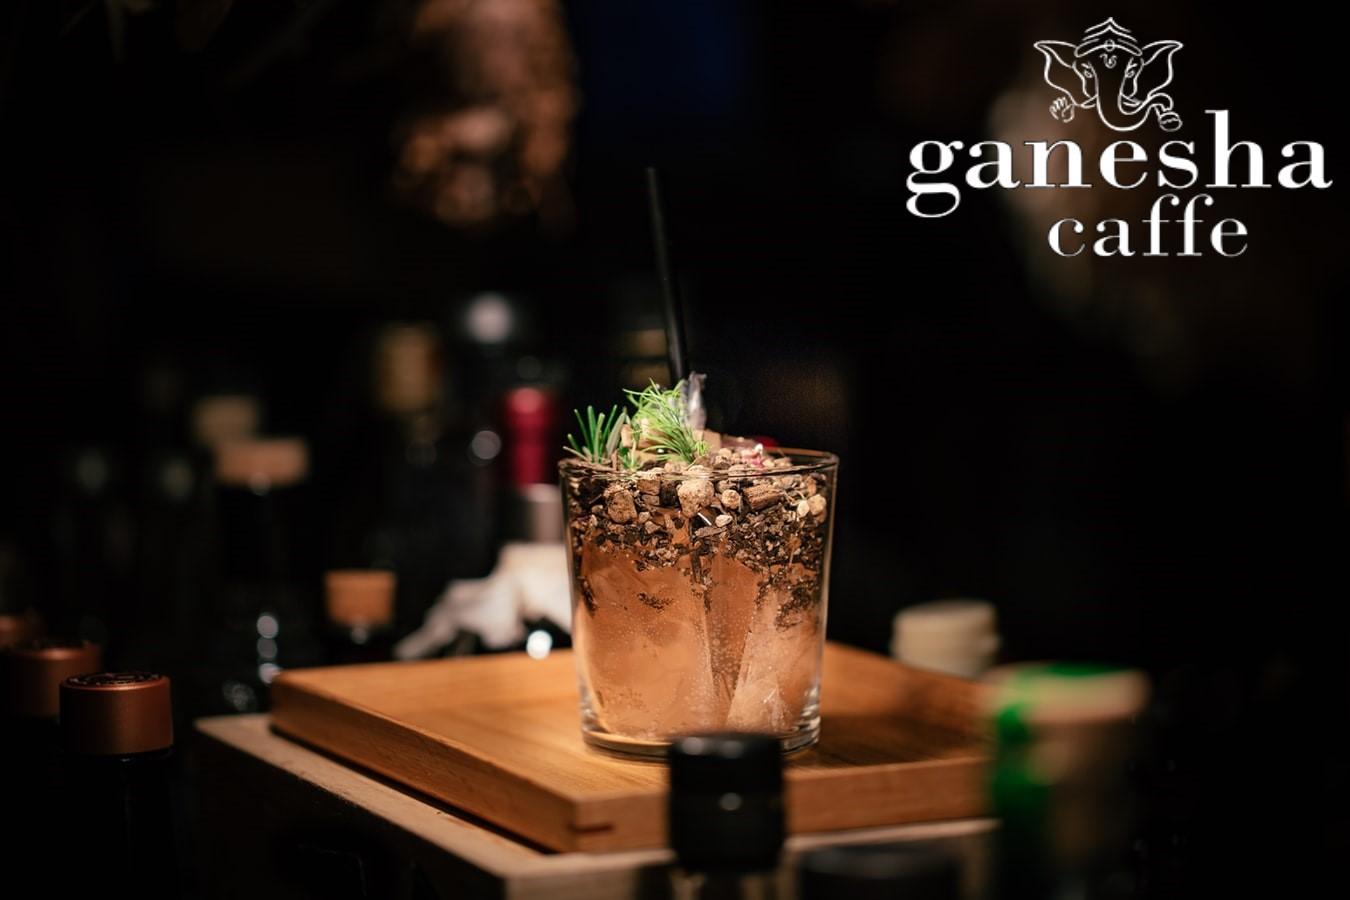 Ganesha Caffe Victoriei, una dintre cele mai bune locații pentru poze de invidiat